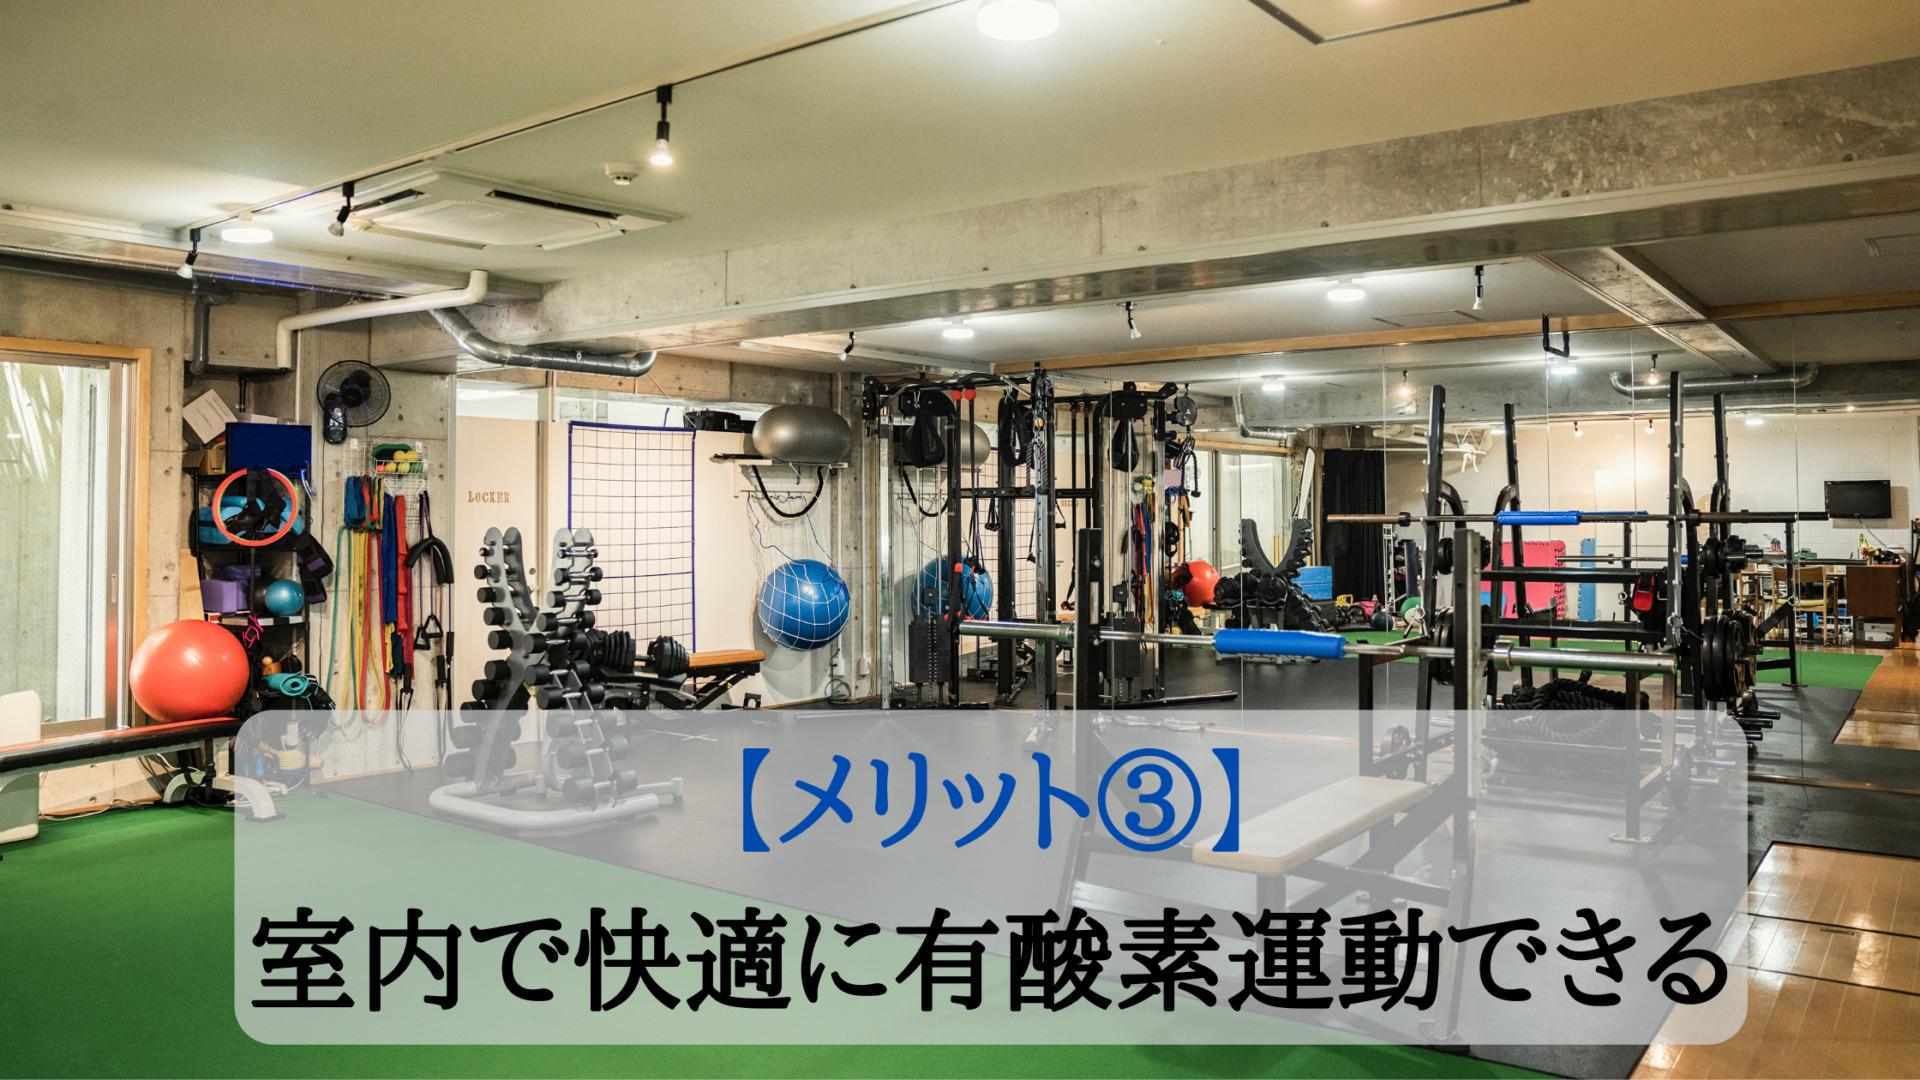 メリット③:室内で快適に有酸素運動ができる